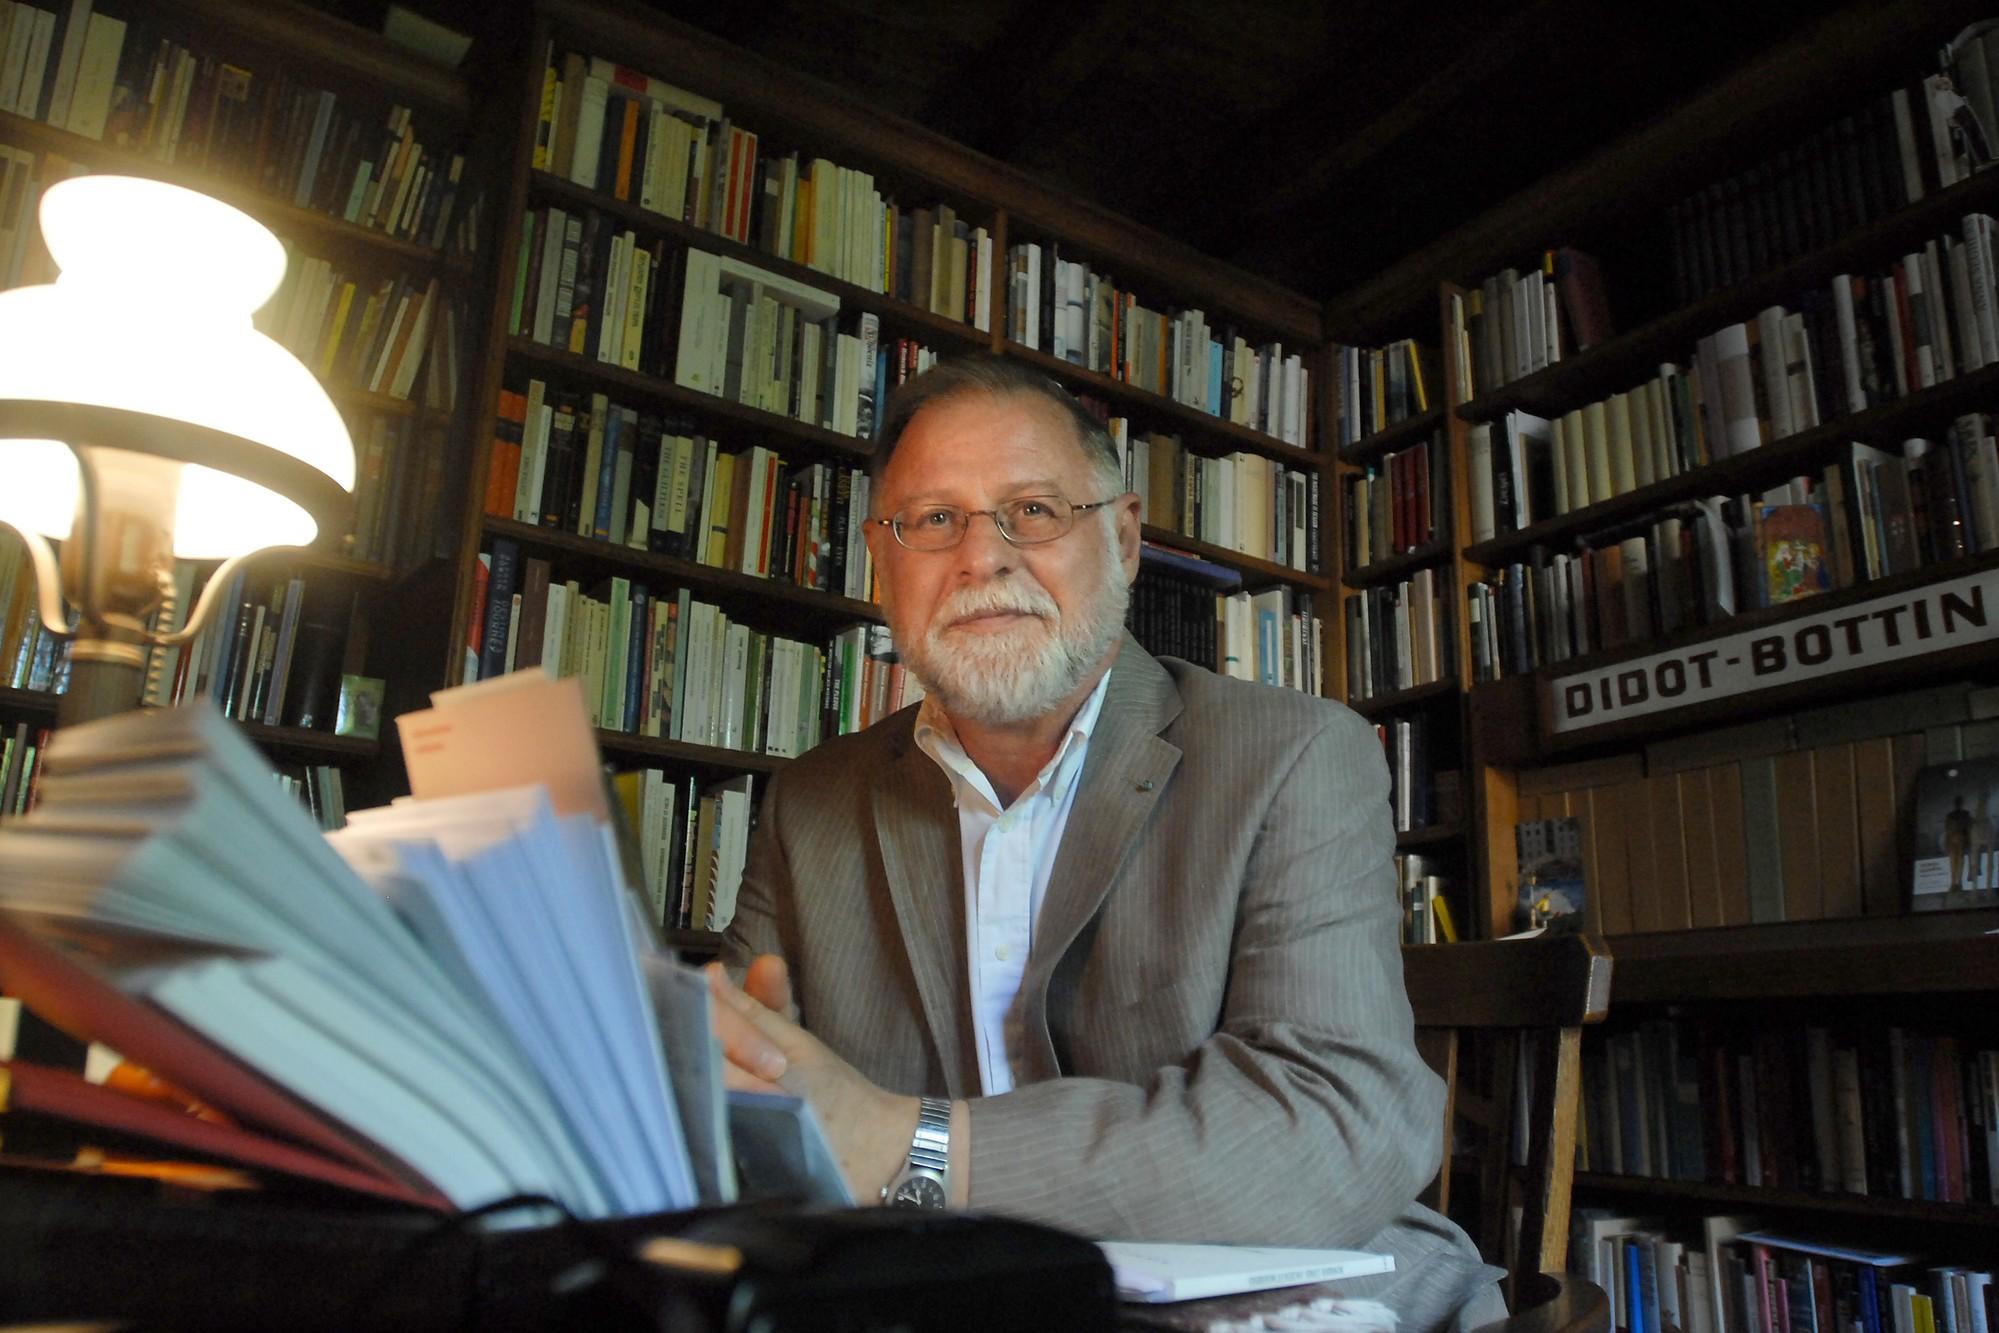 ماذا نقرأ لألبرتو مانغويل بالعربيّة؟